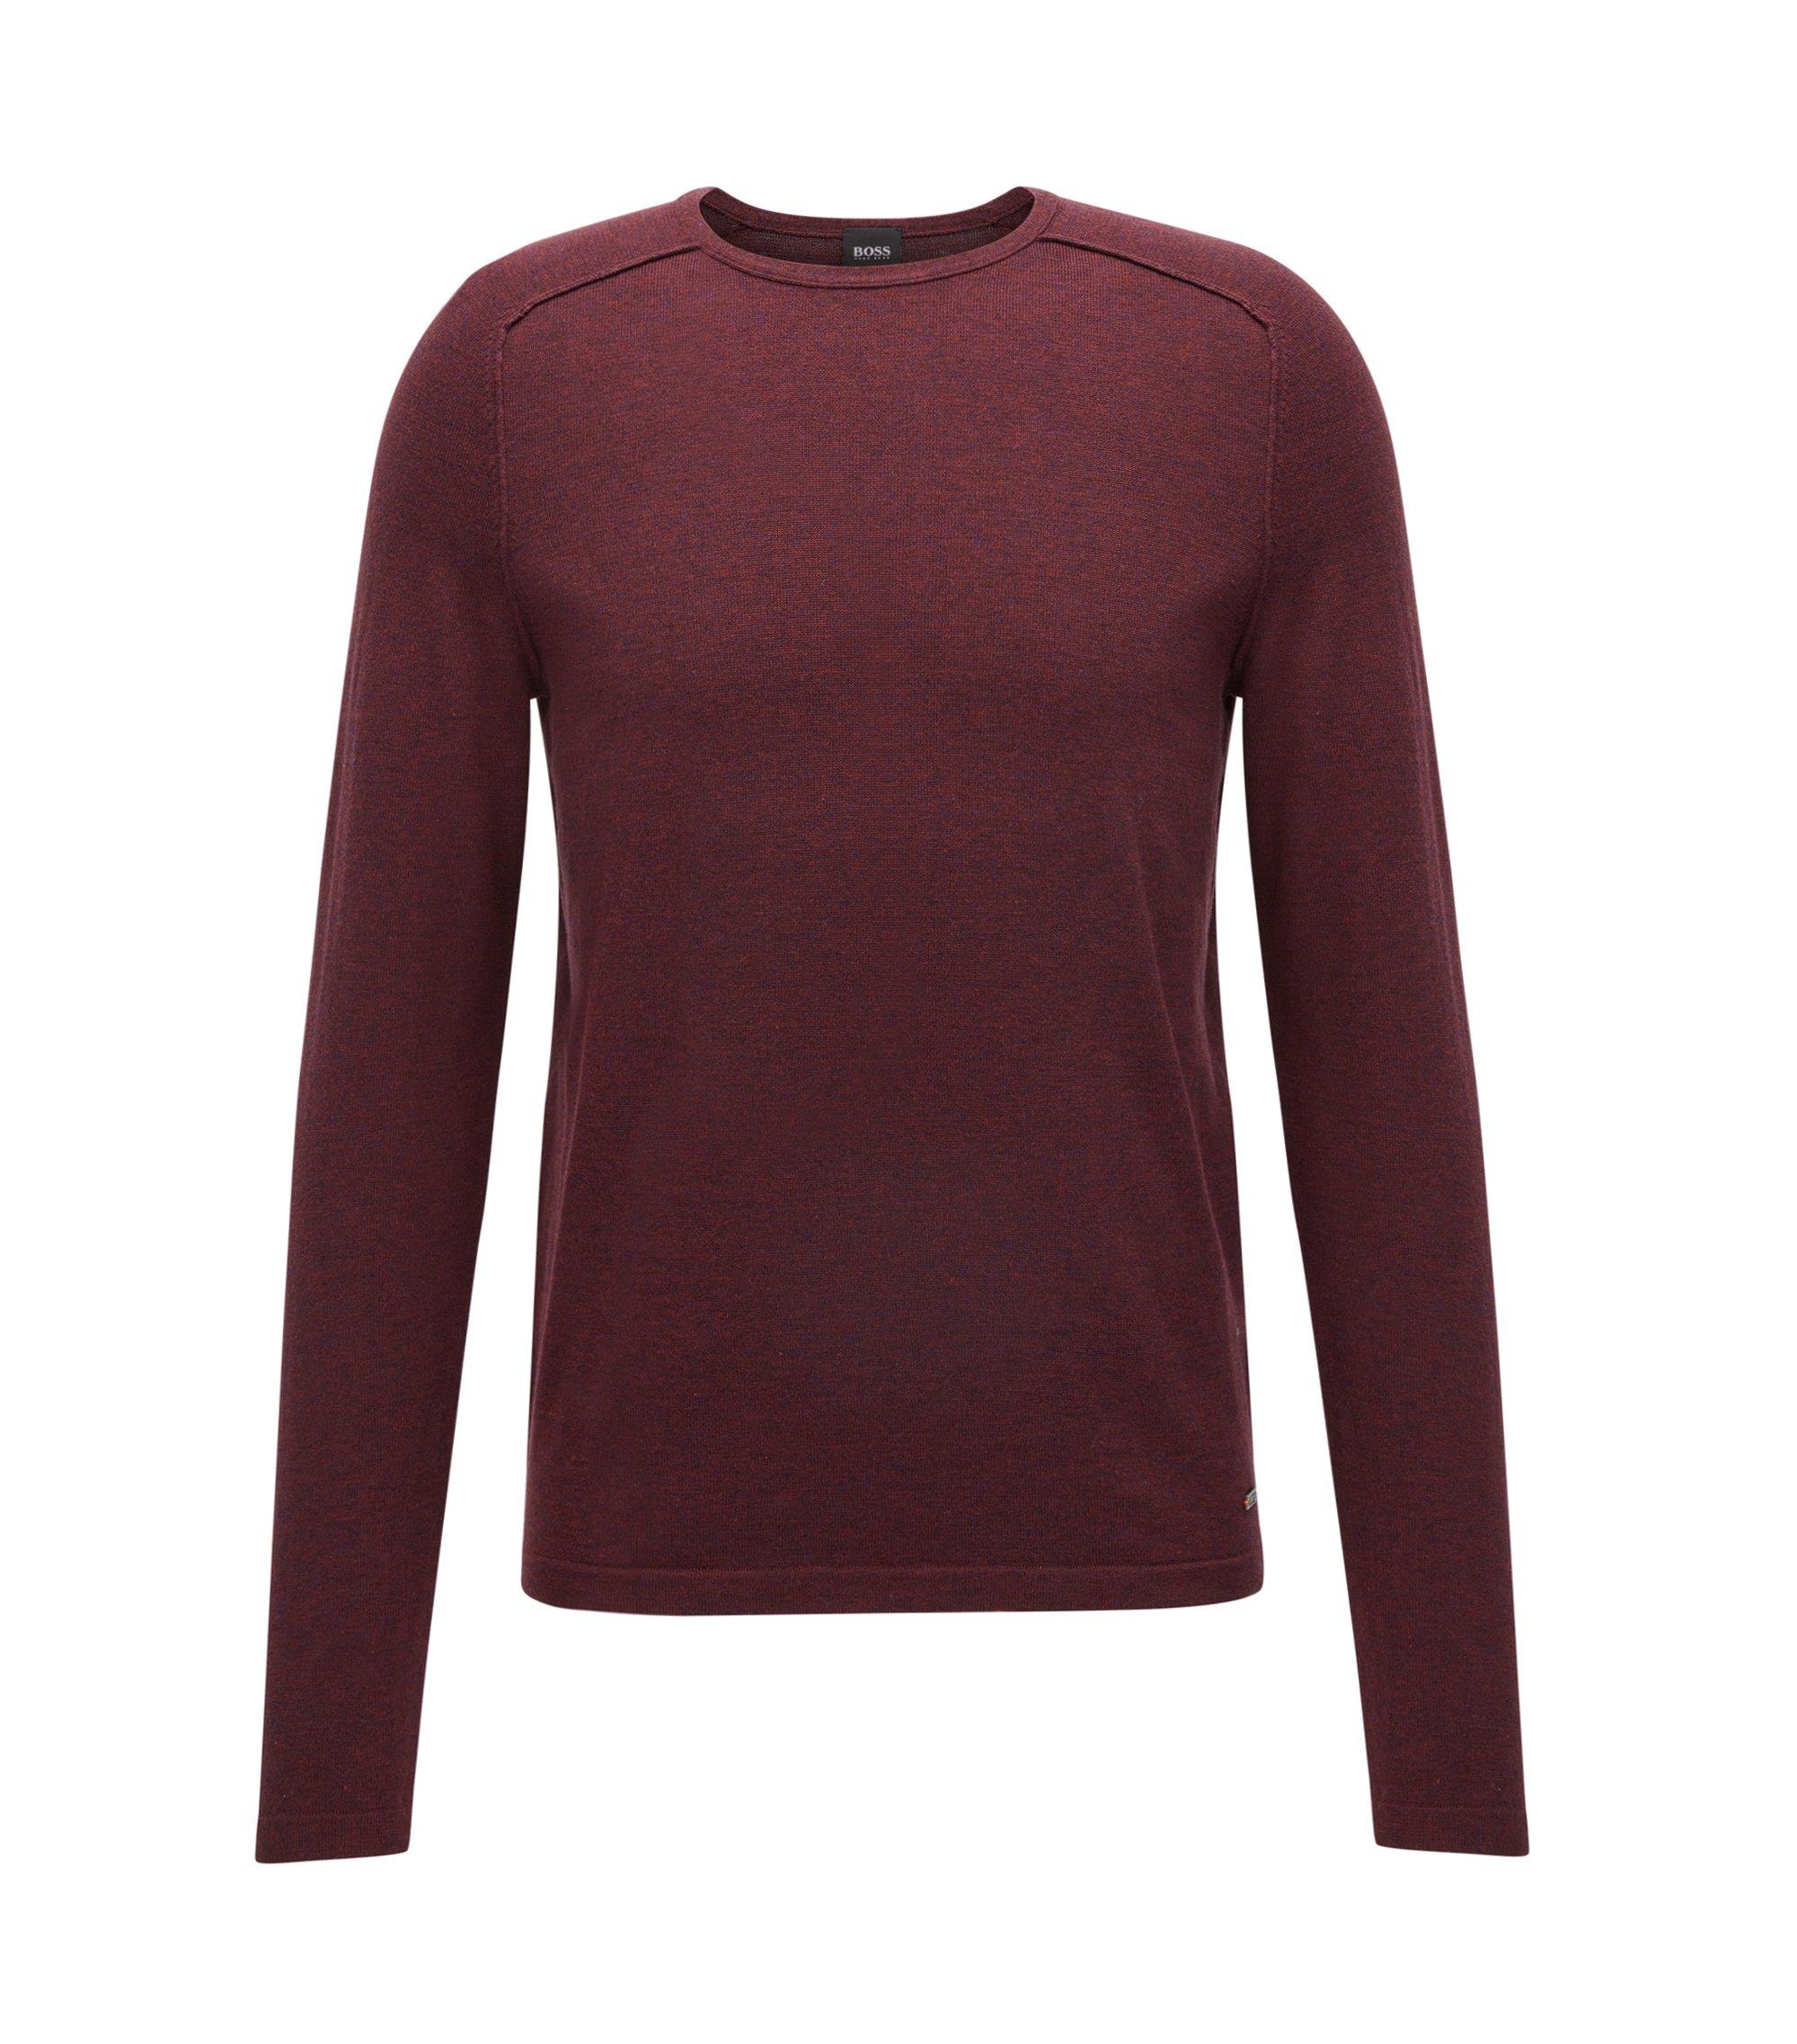 Pullover aus gestrickter Baumwolle mit Paspel-Details, Dunkelrot